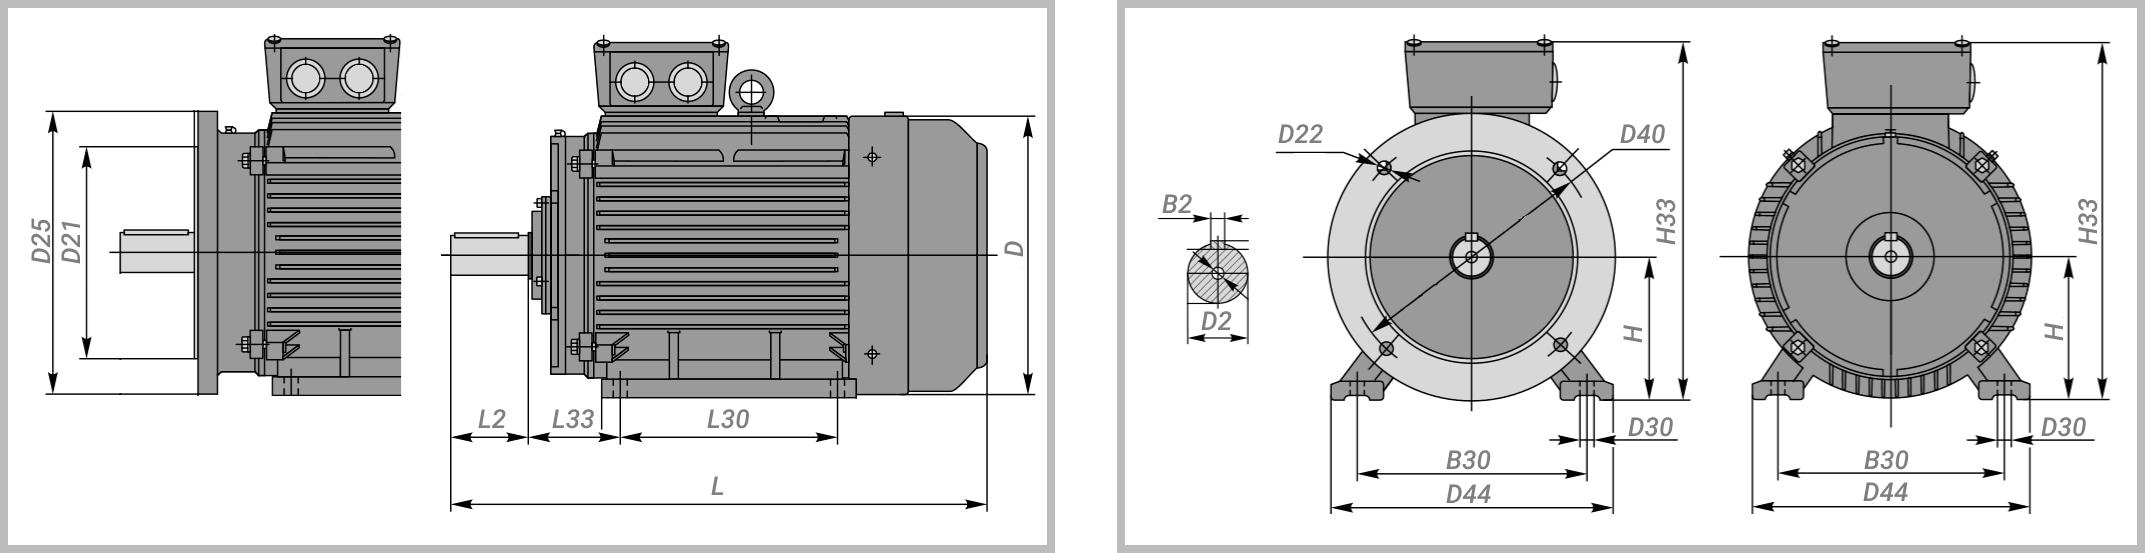 Чертеж электродвигателя двигатель 4АМ200L8 на лапах, на фланце